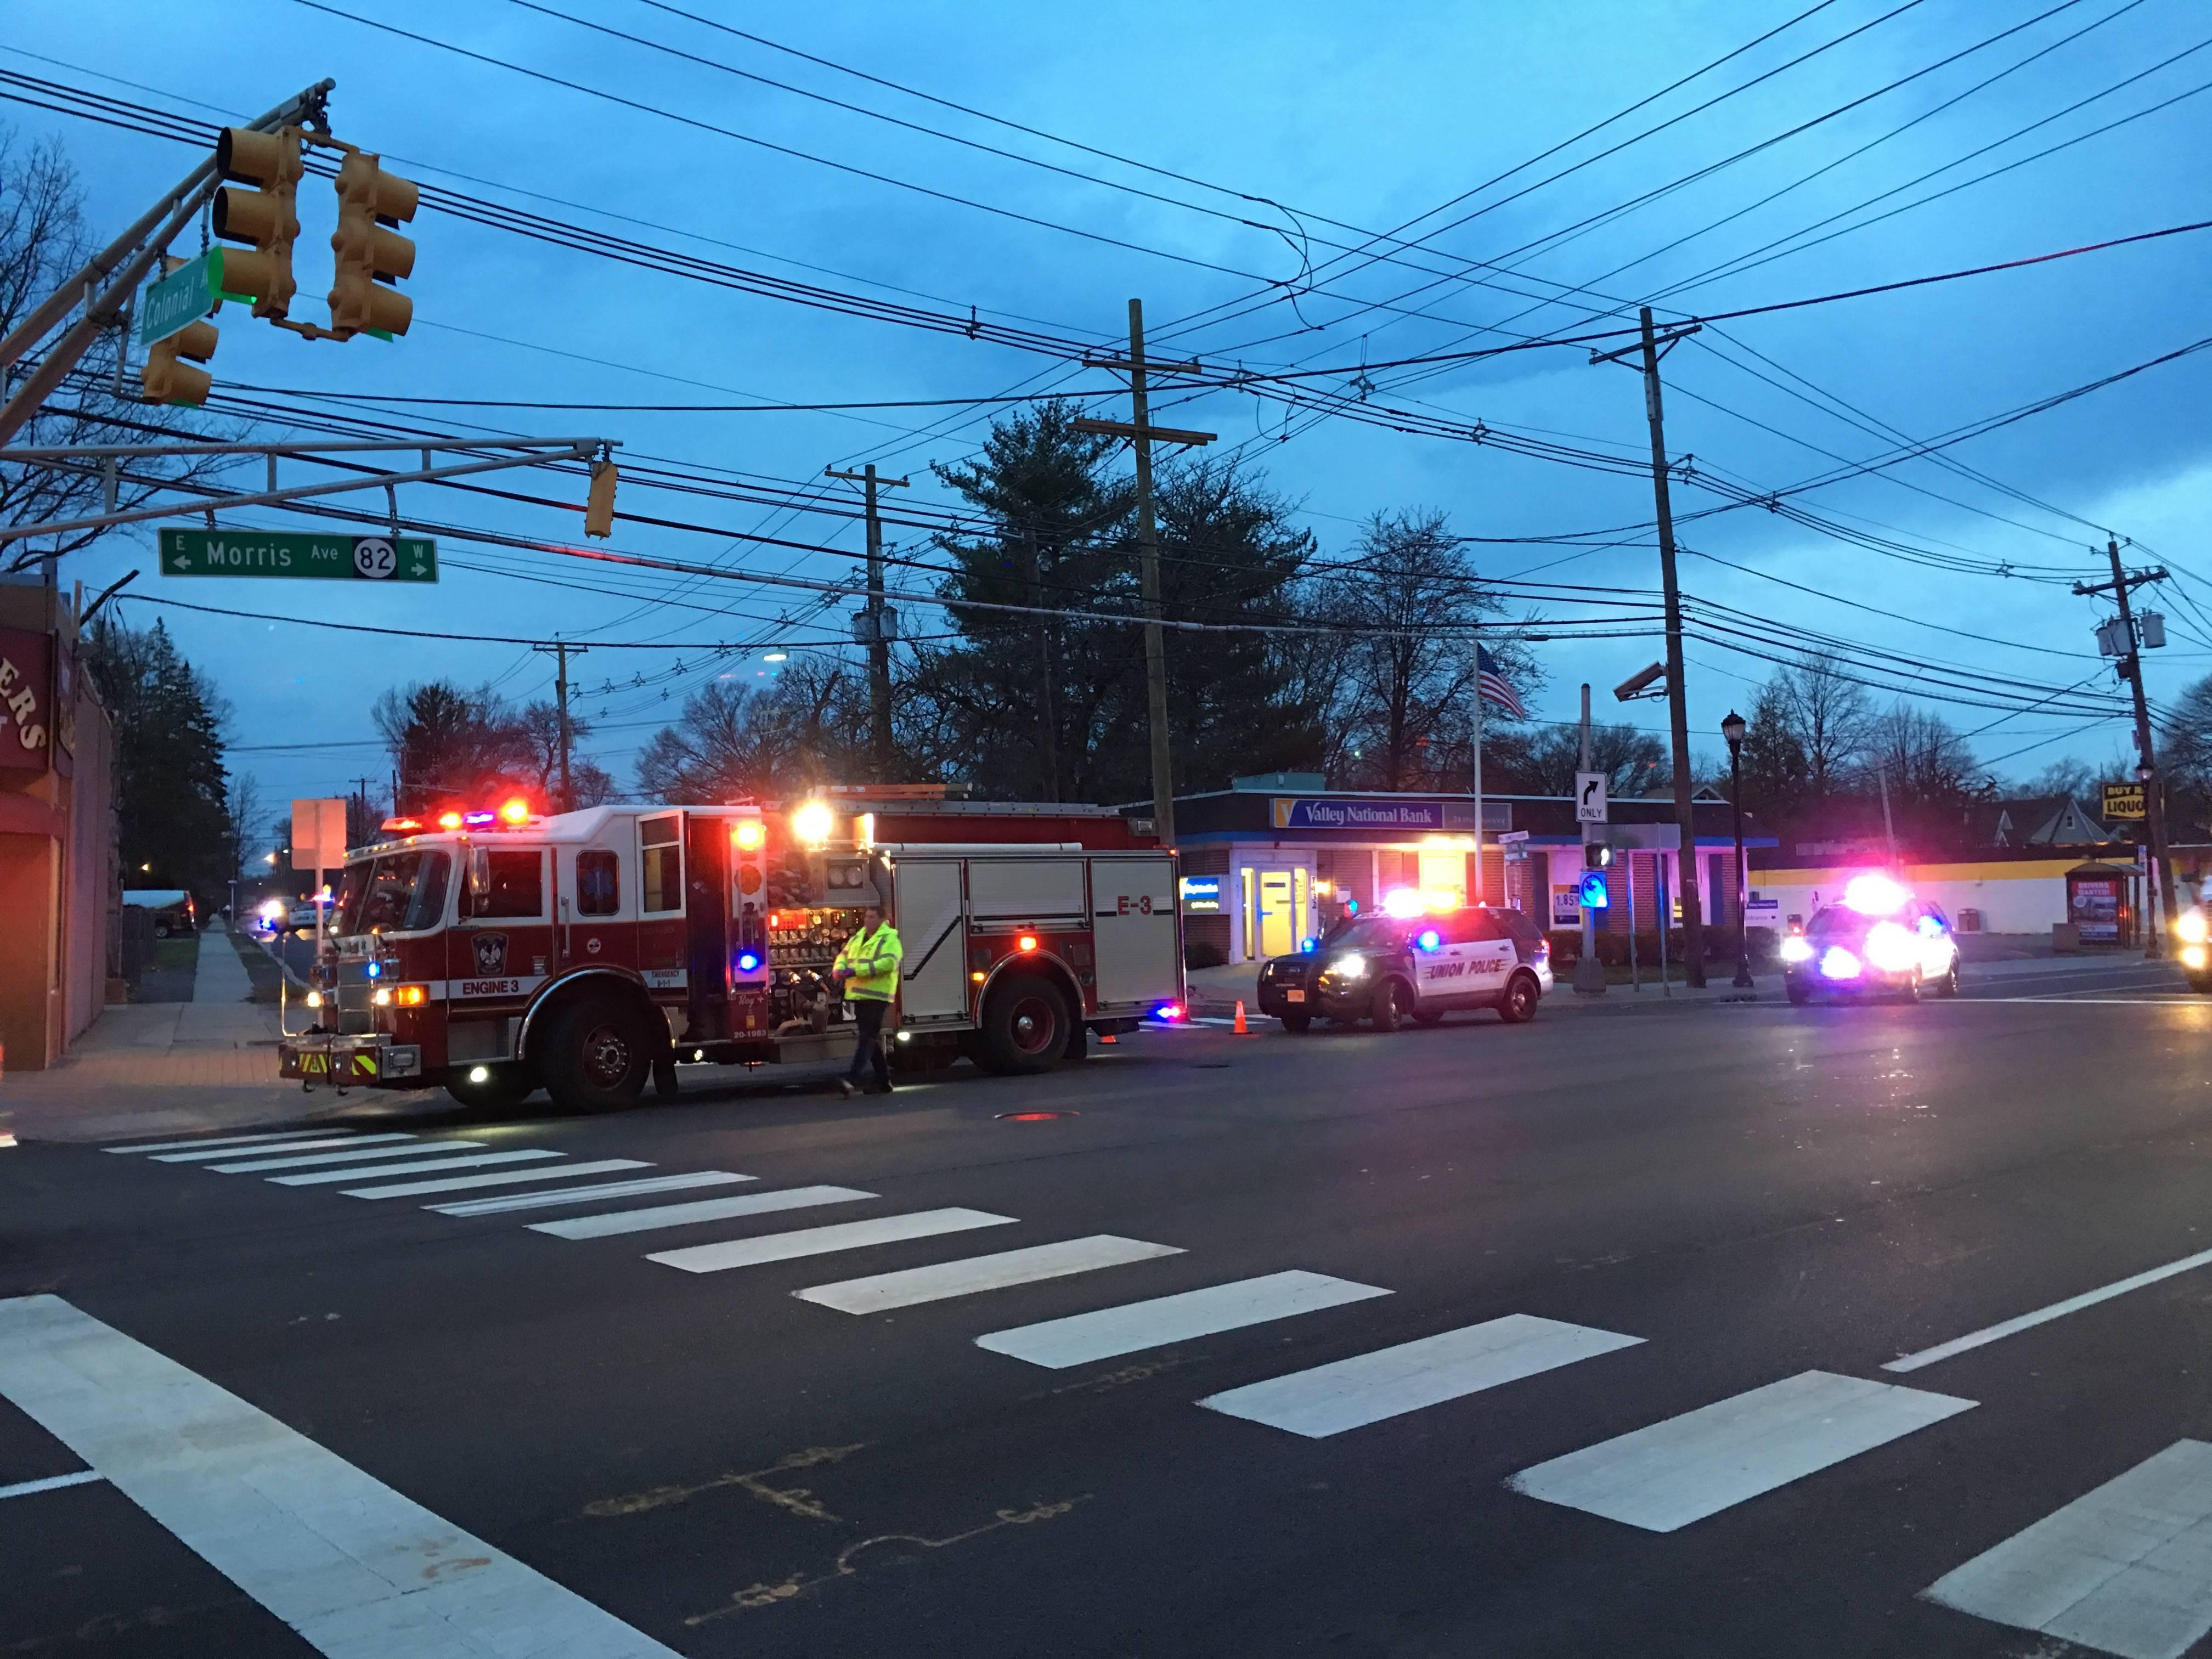 74dce0bea2d414b31017_pedestrian_accident_4-13-18_2.jpg